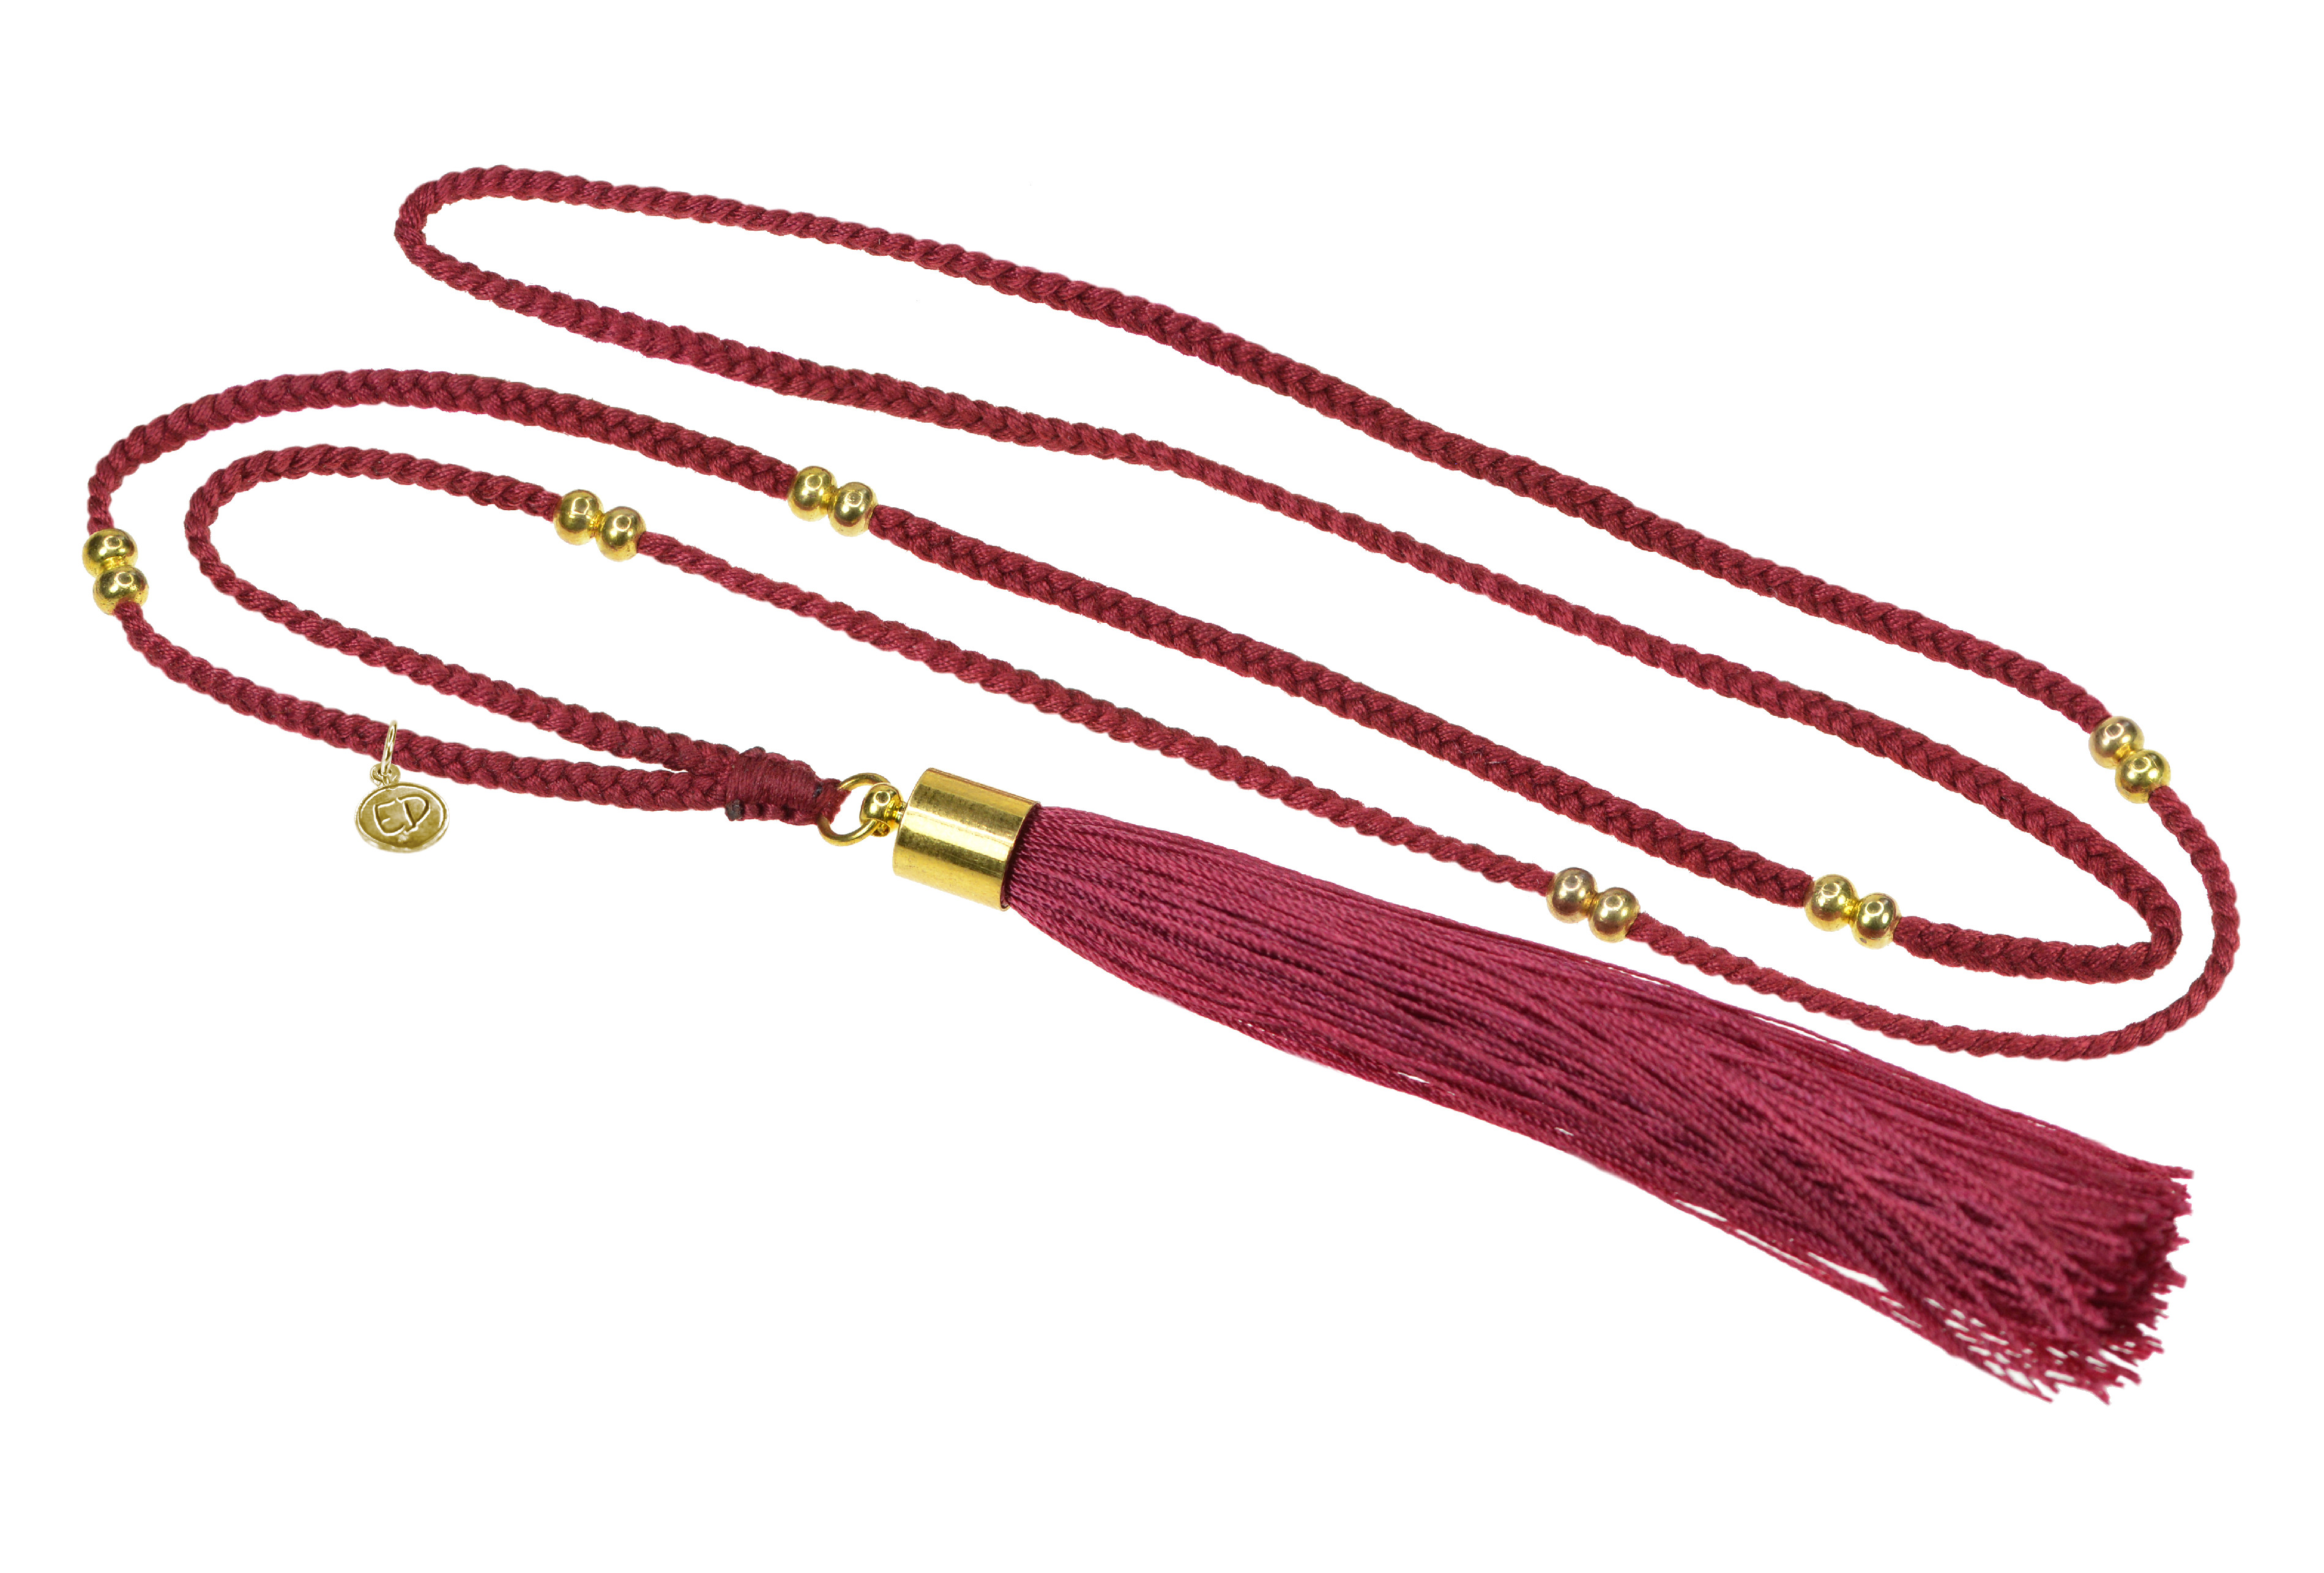 Dámsky prírodný náhrdelník so strapcovým príveskom - vínový